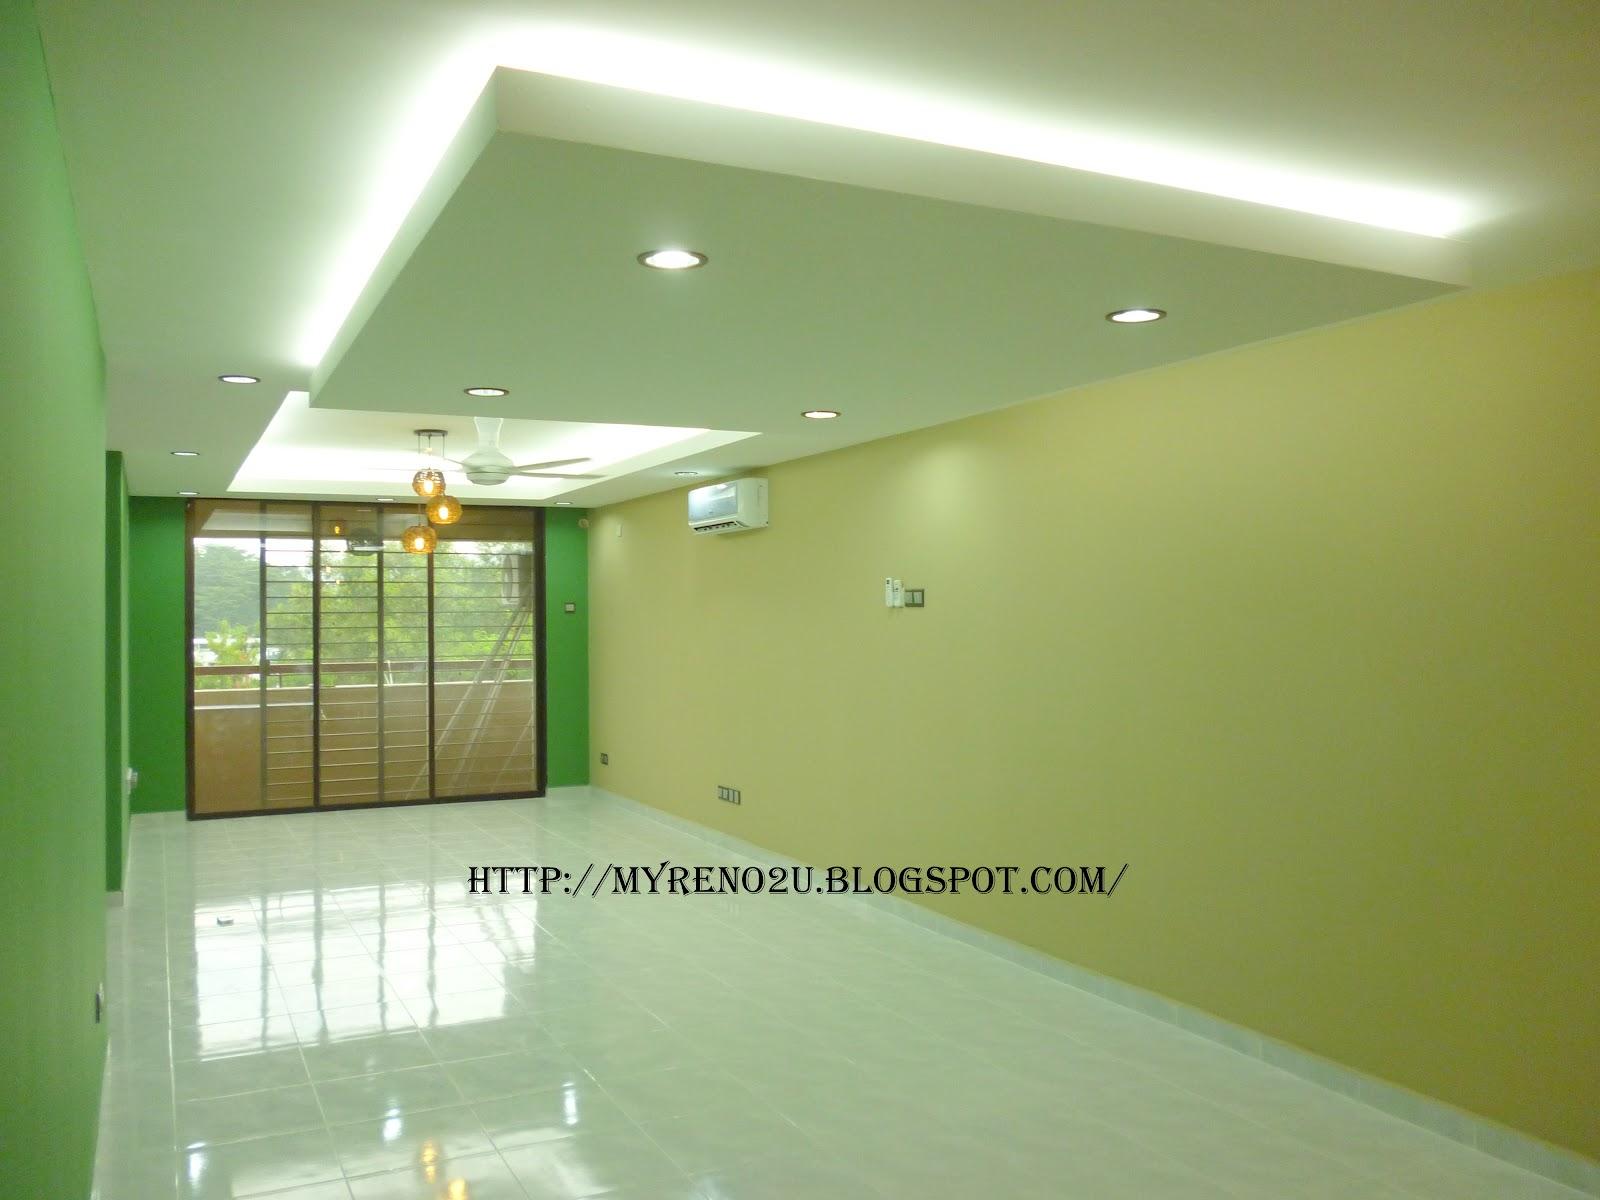 Renovate rumah  wangsa maju | MyReno2U